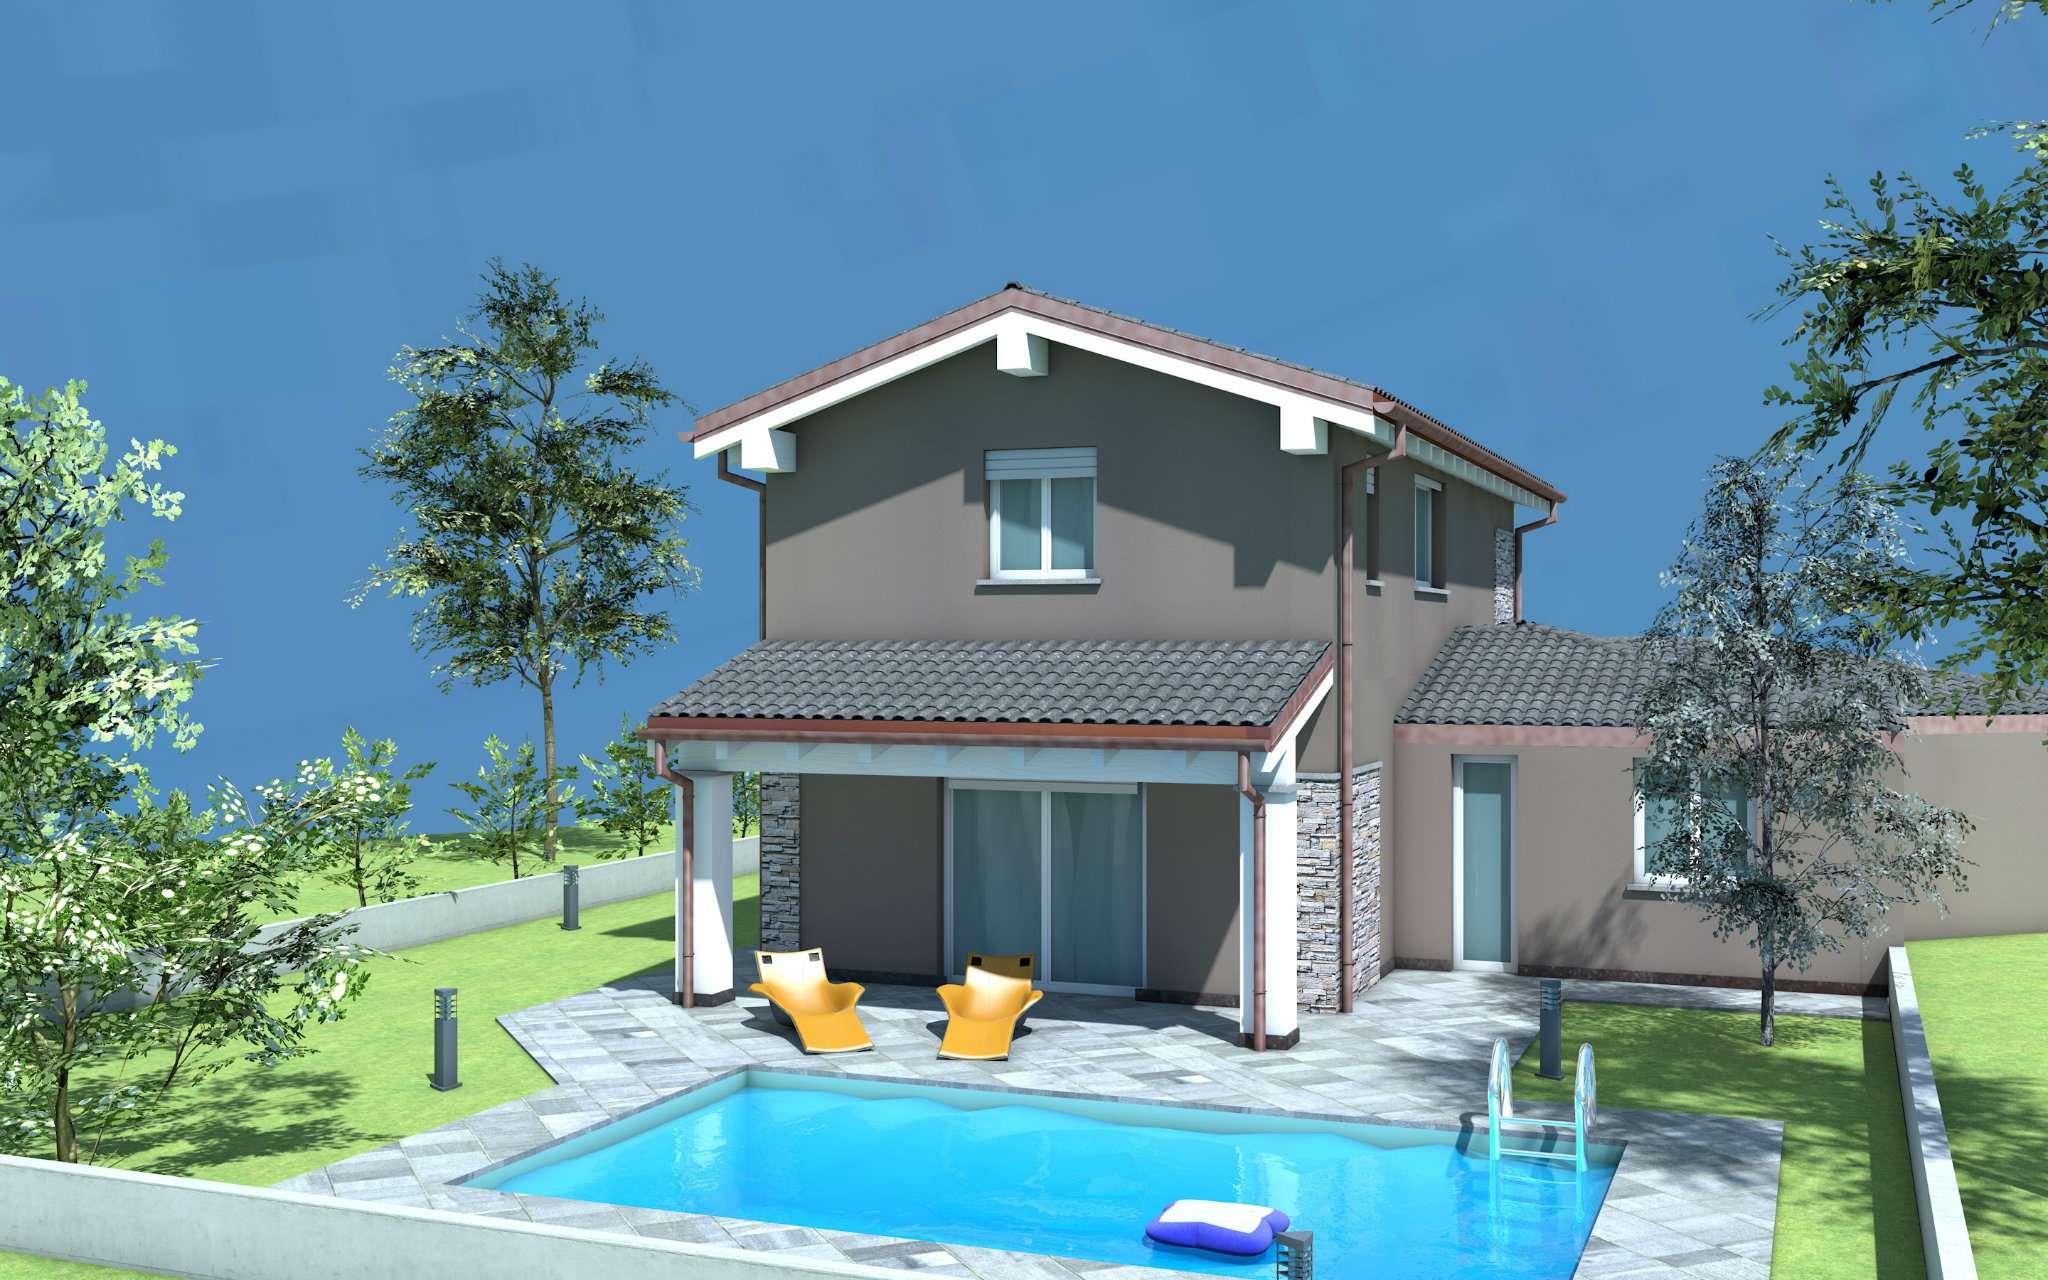 Villa in vendita a Misano di Gera d'Adda, 4 locali, prezzo € 290.000 | CambioCasa.it